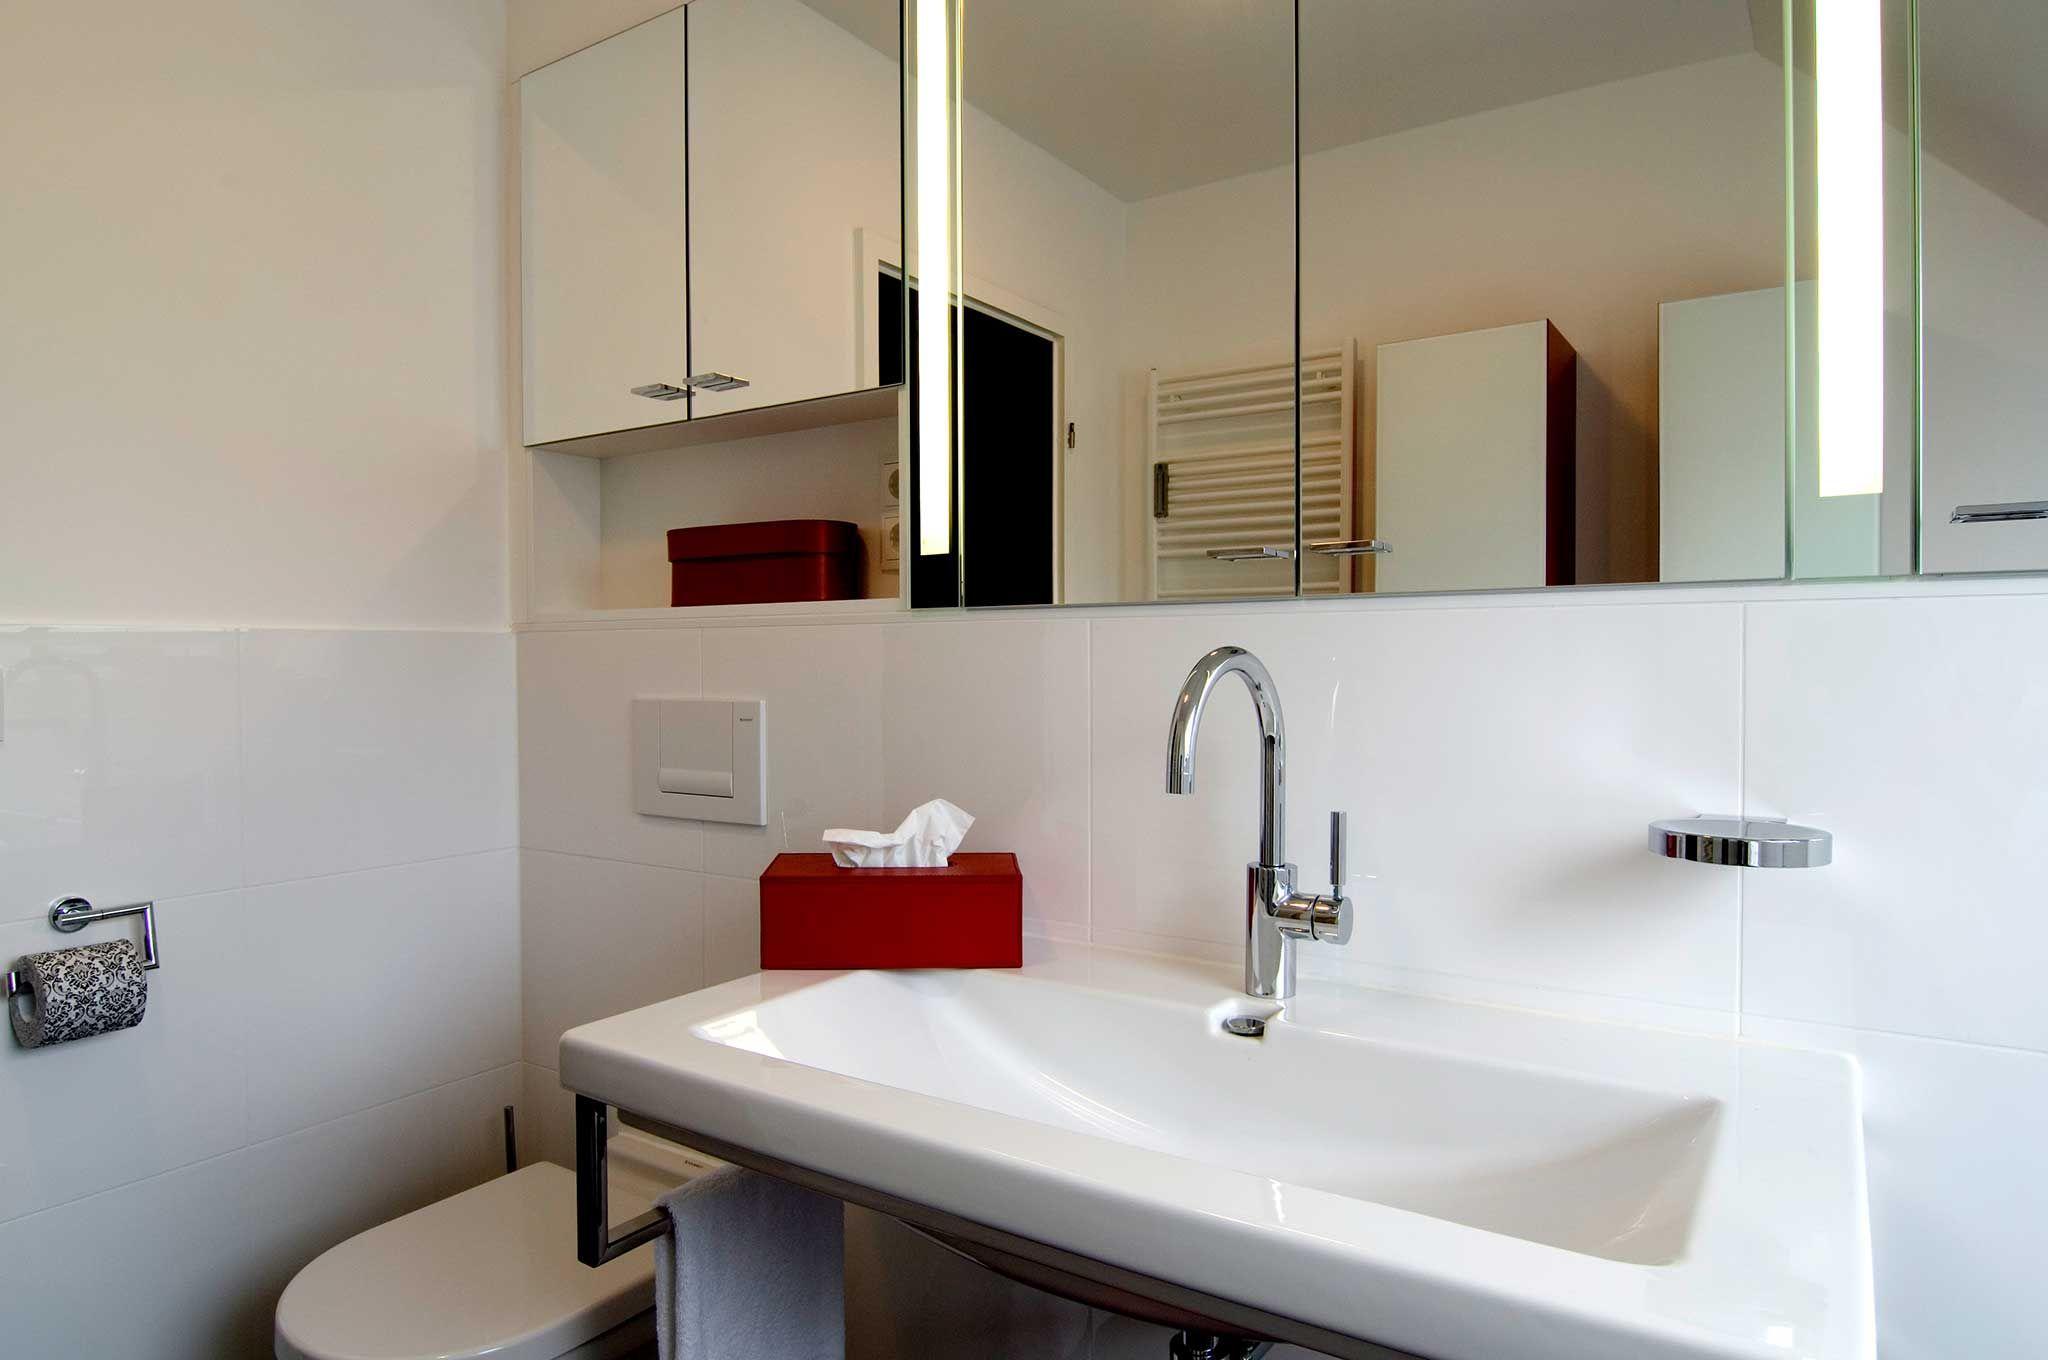 Badezimmer Spiegelschrank Dachschrage Badgestaltung